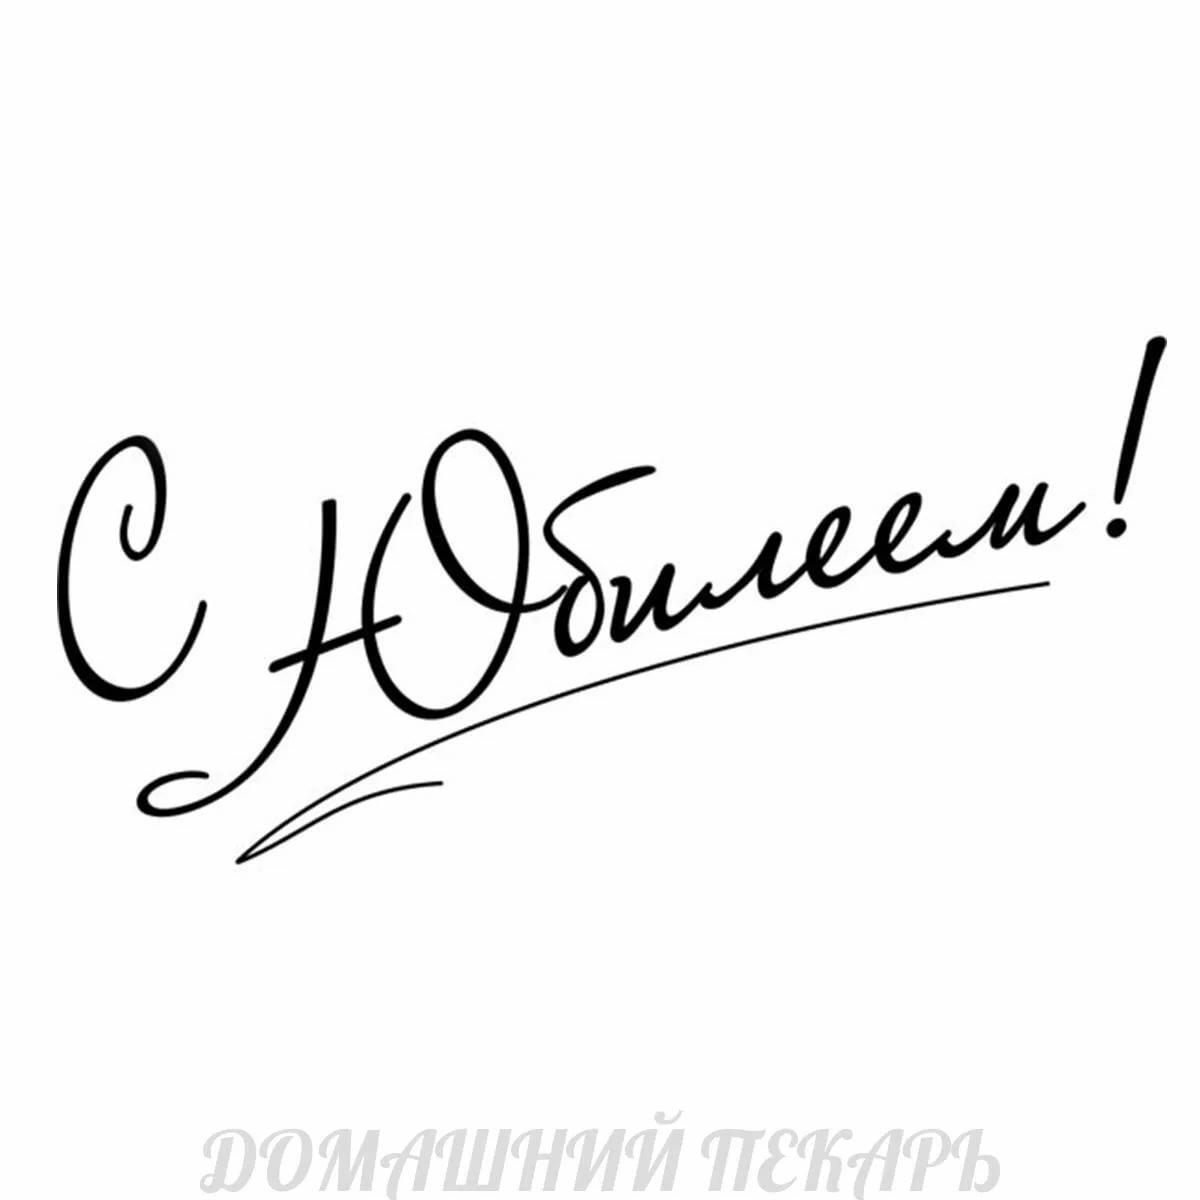 других надпись с юбилеем красивым шрифтом картинки для печати благотворительности него